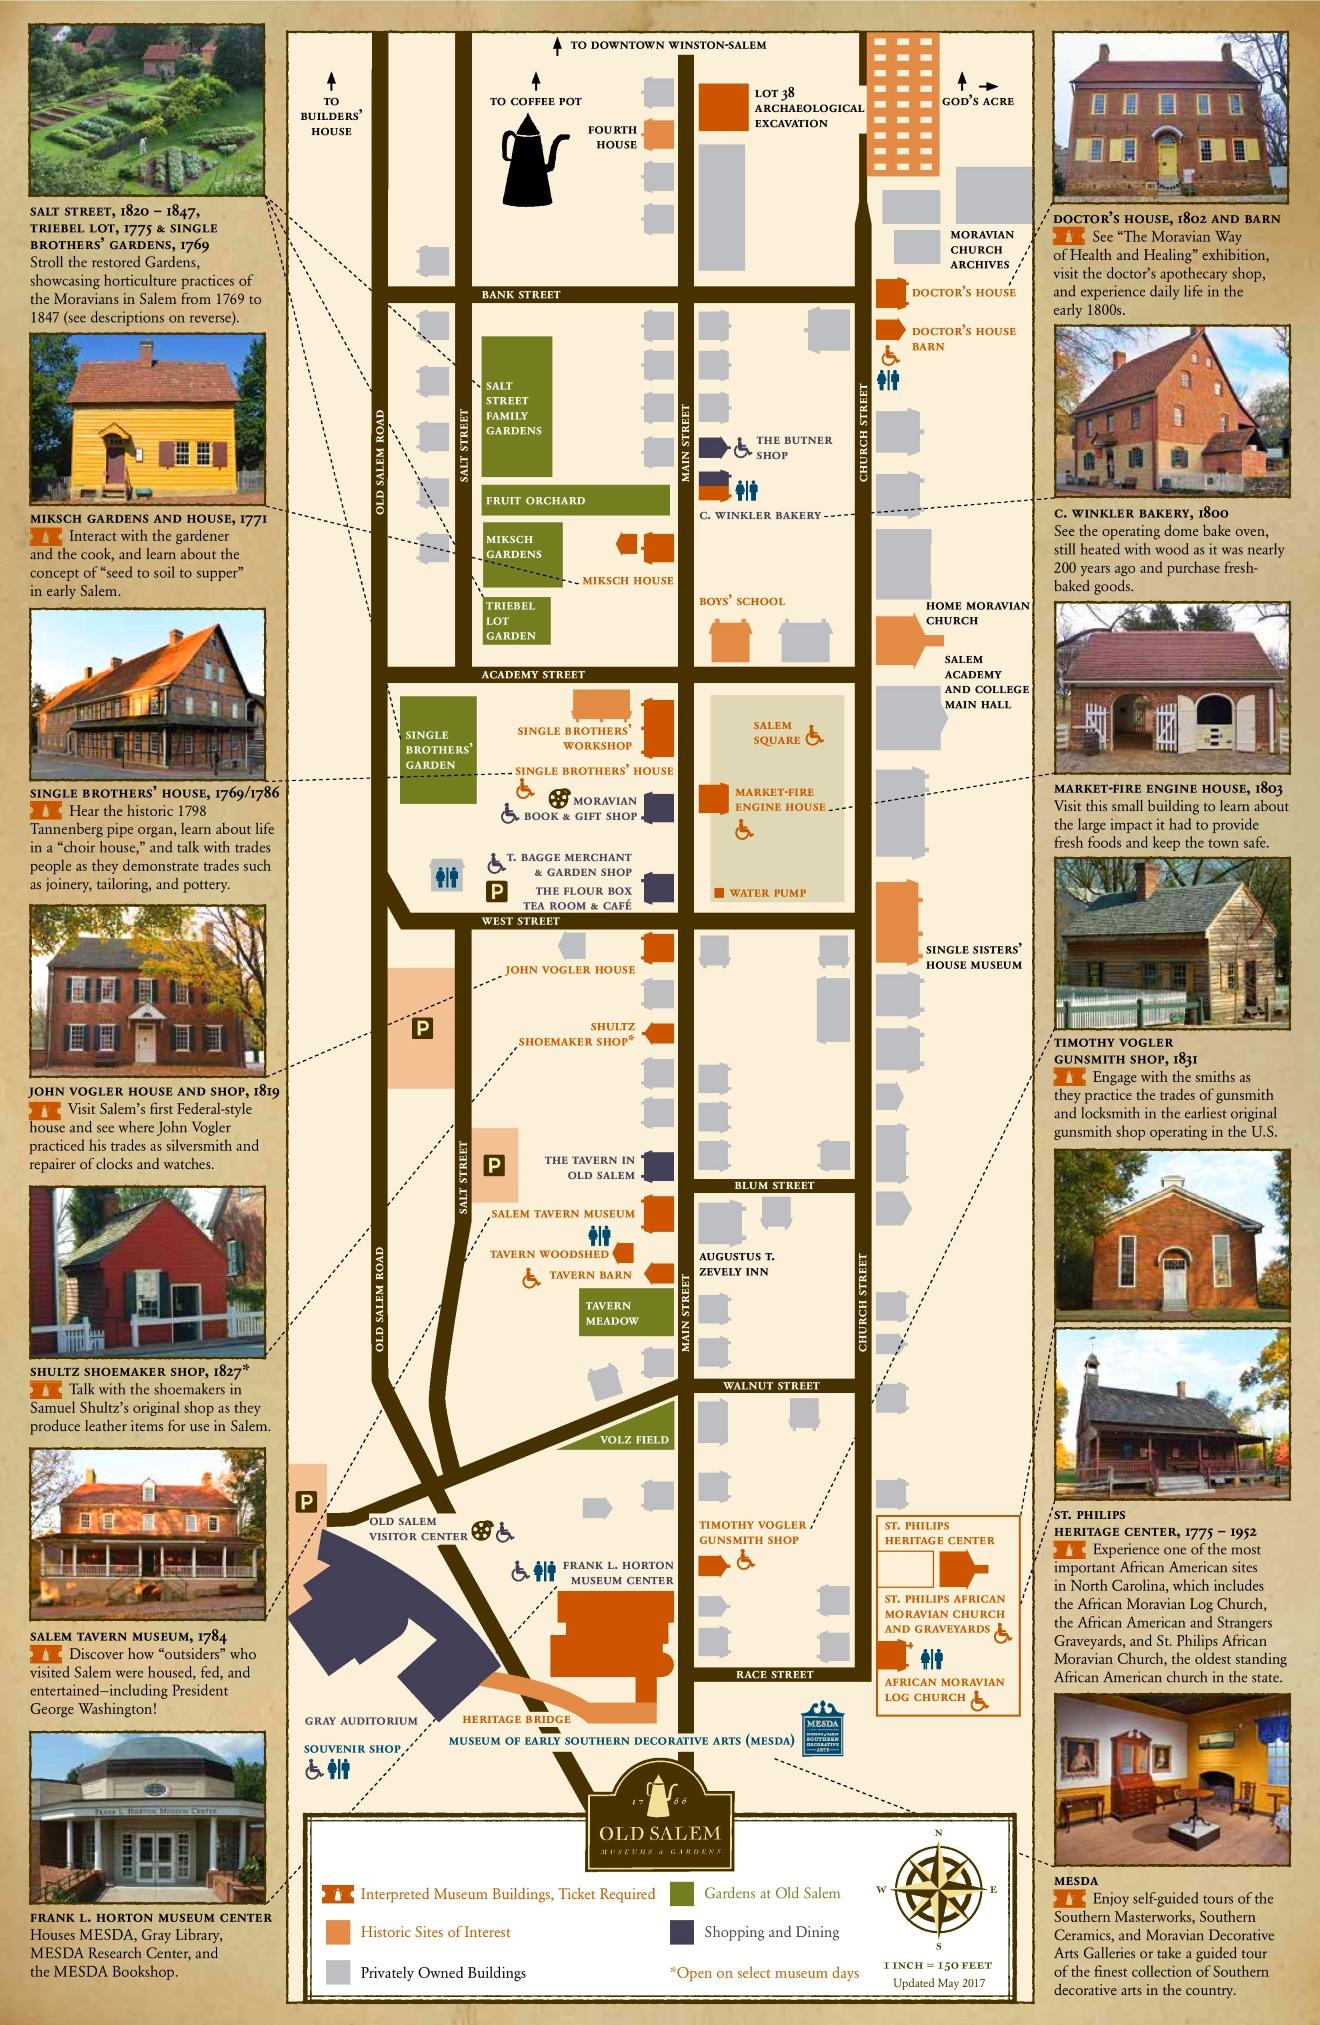 Old Salem Nc Map.Old Salem Sightseeing Map